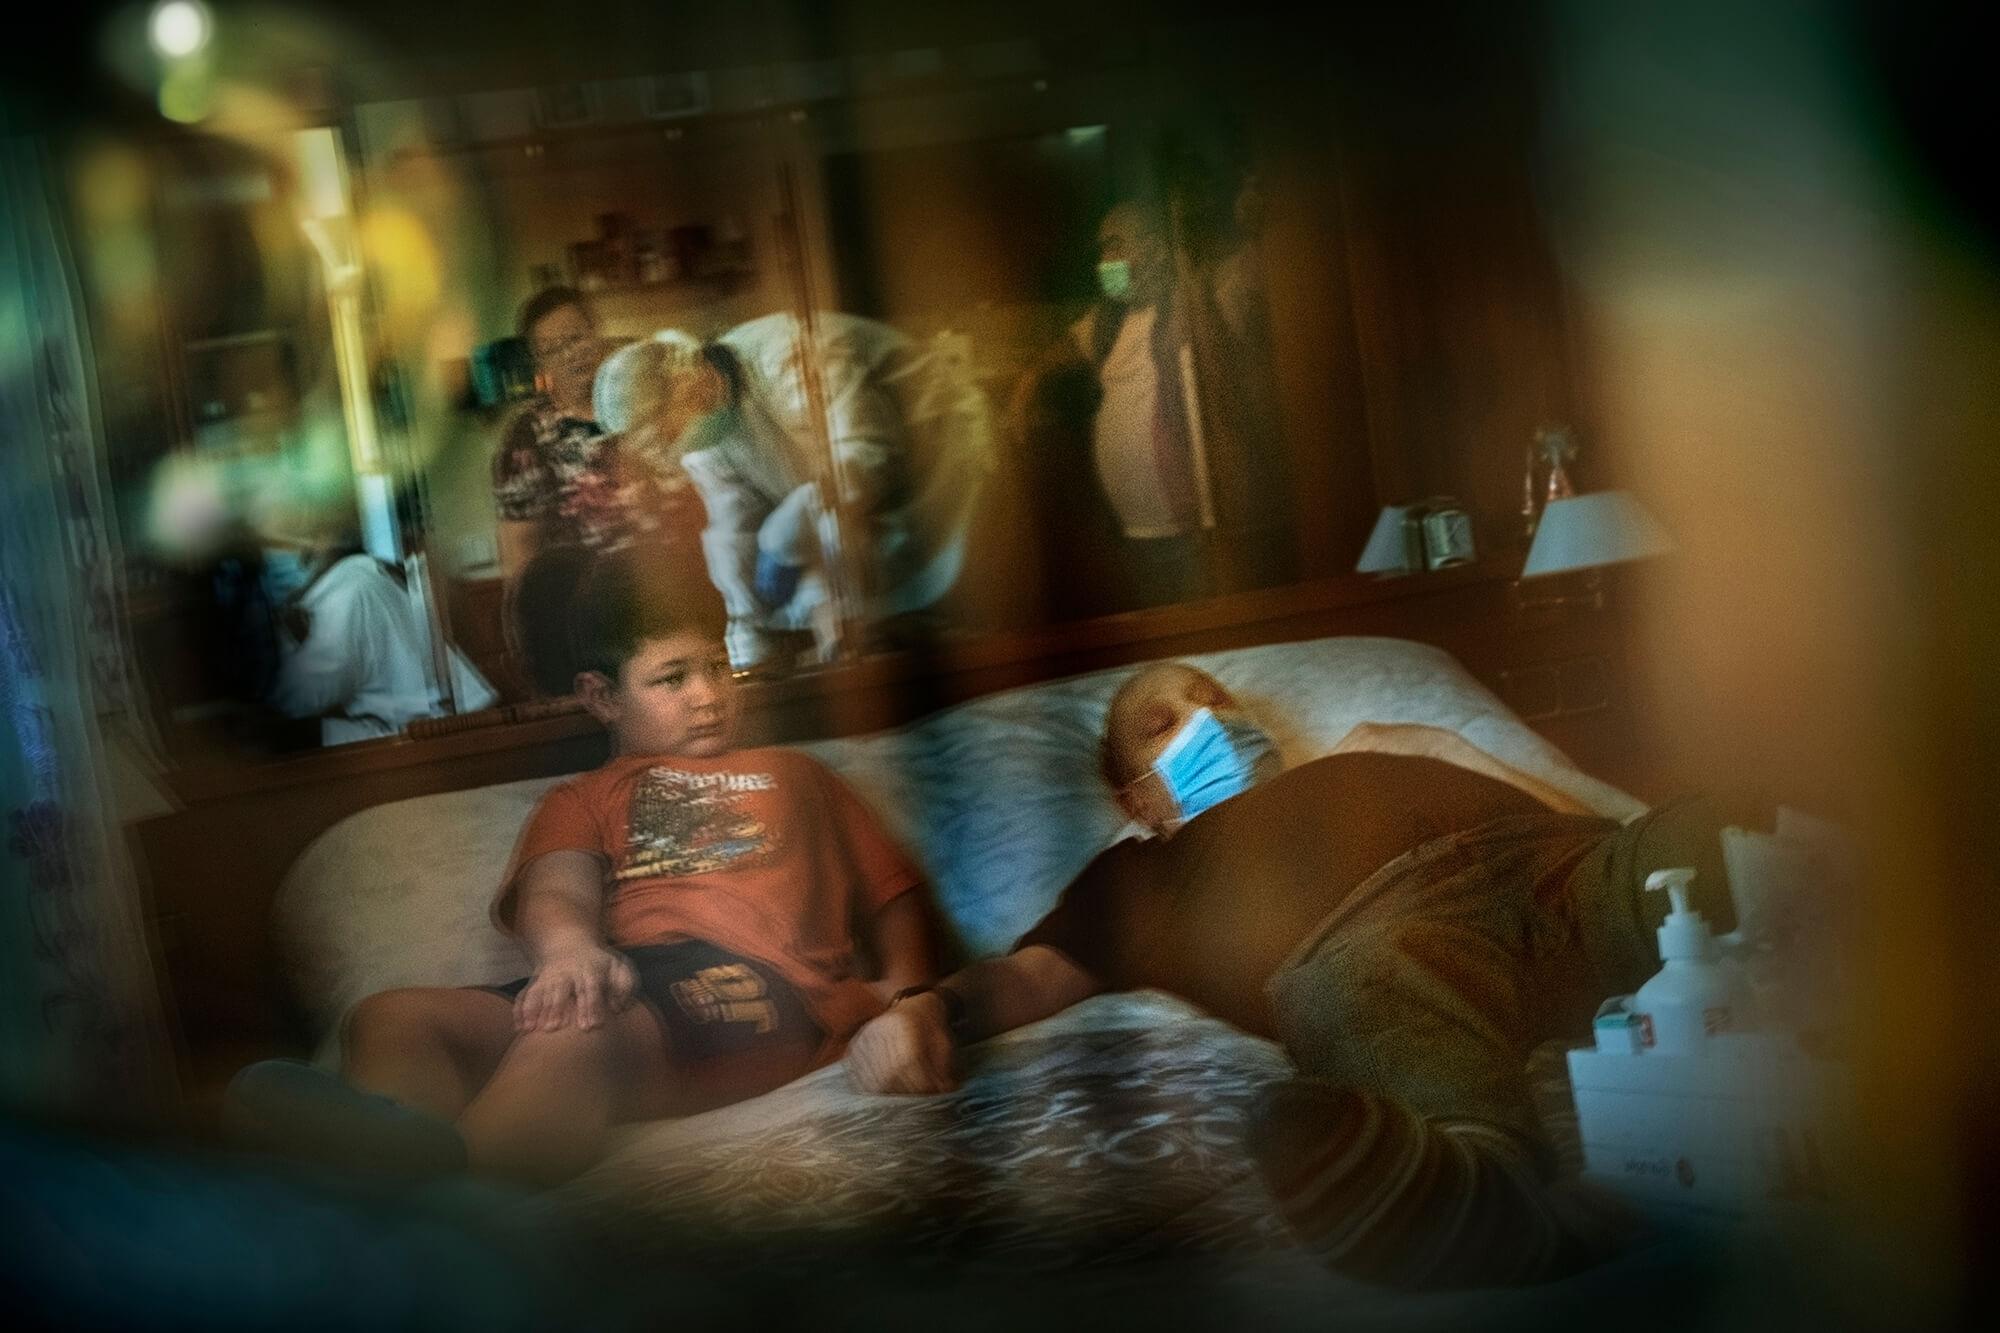 Un metge d'atenció primària atenent a domicili un pacient que no es pot desplaçar al centre sanitari.